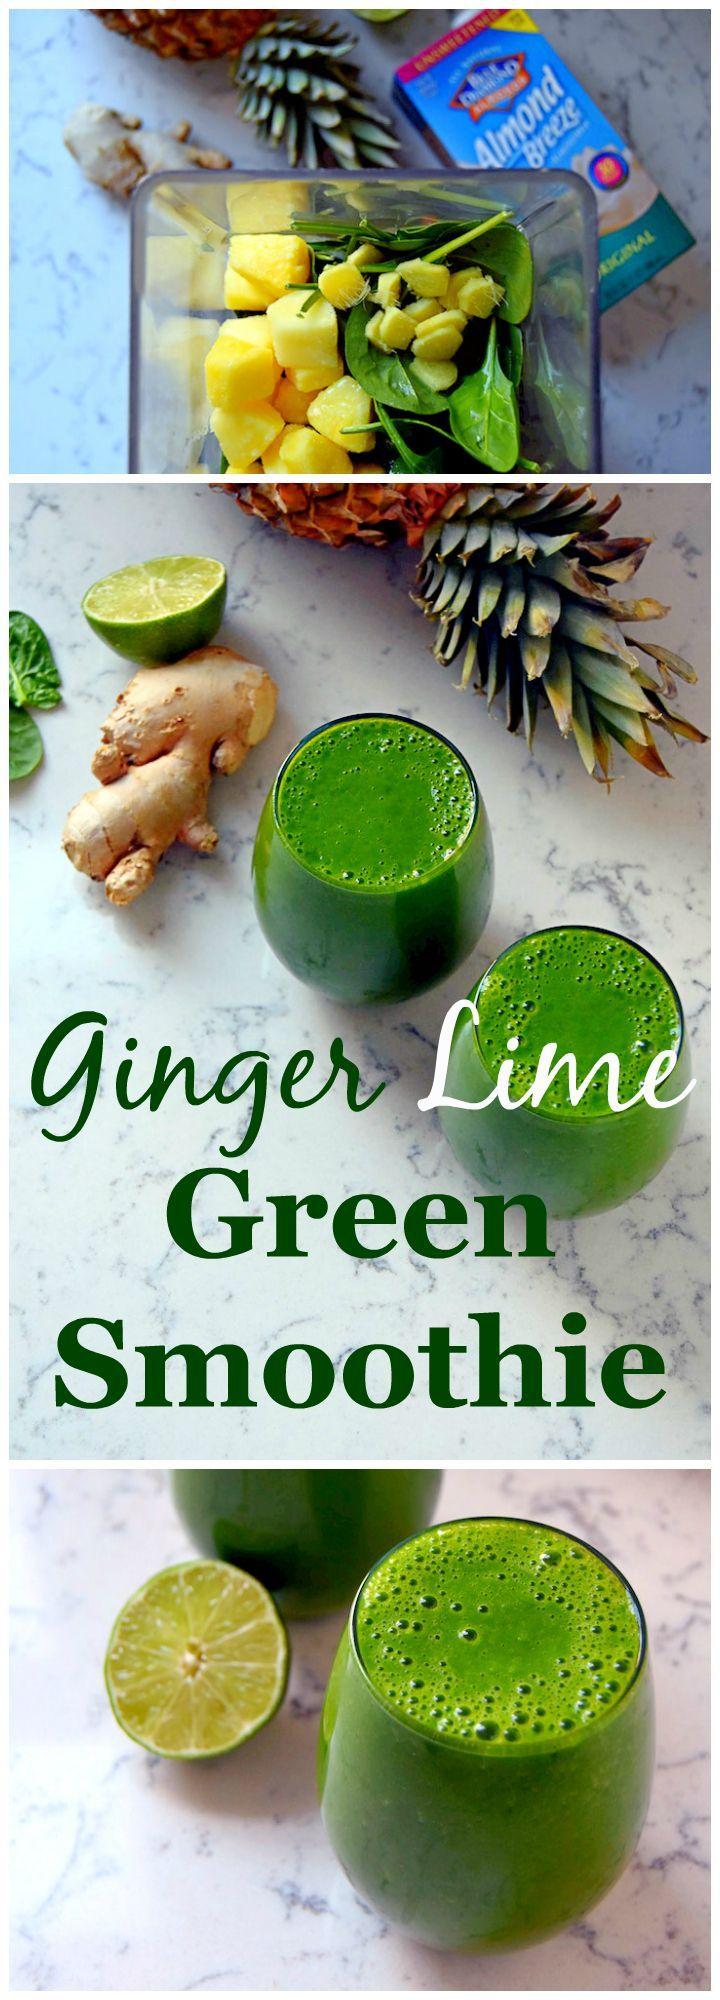 Ingrédients : 1 pc gingembre, 5cm ; 1/2 citron vert ; 3 tasses dés d'ananas, surgelés ; 4 tasses jeunes pousses épinards, bien remplies ; 2 tasses lait d'amandes sans sucre